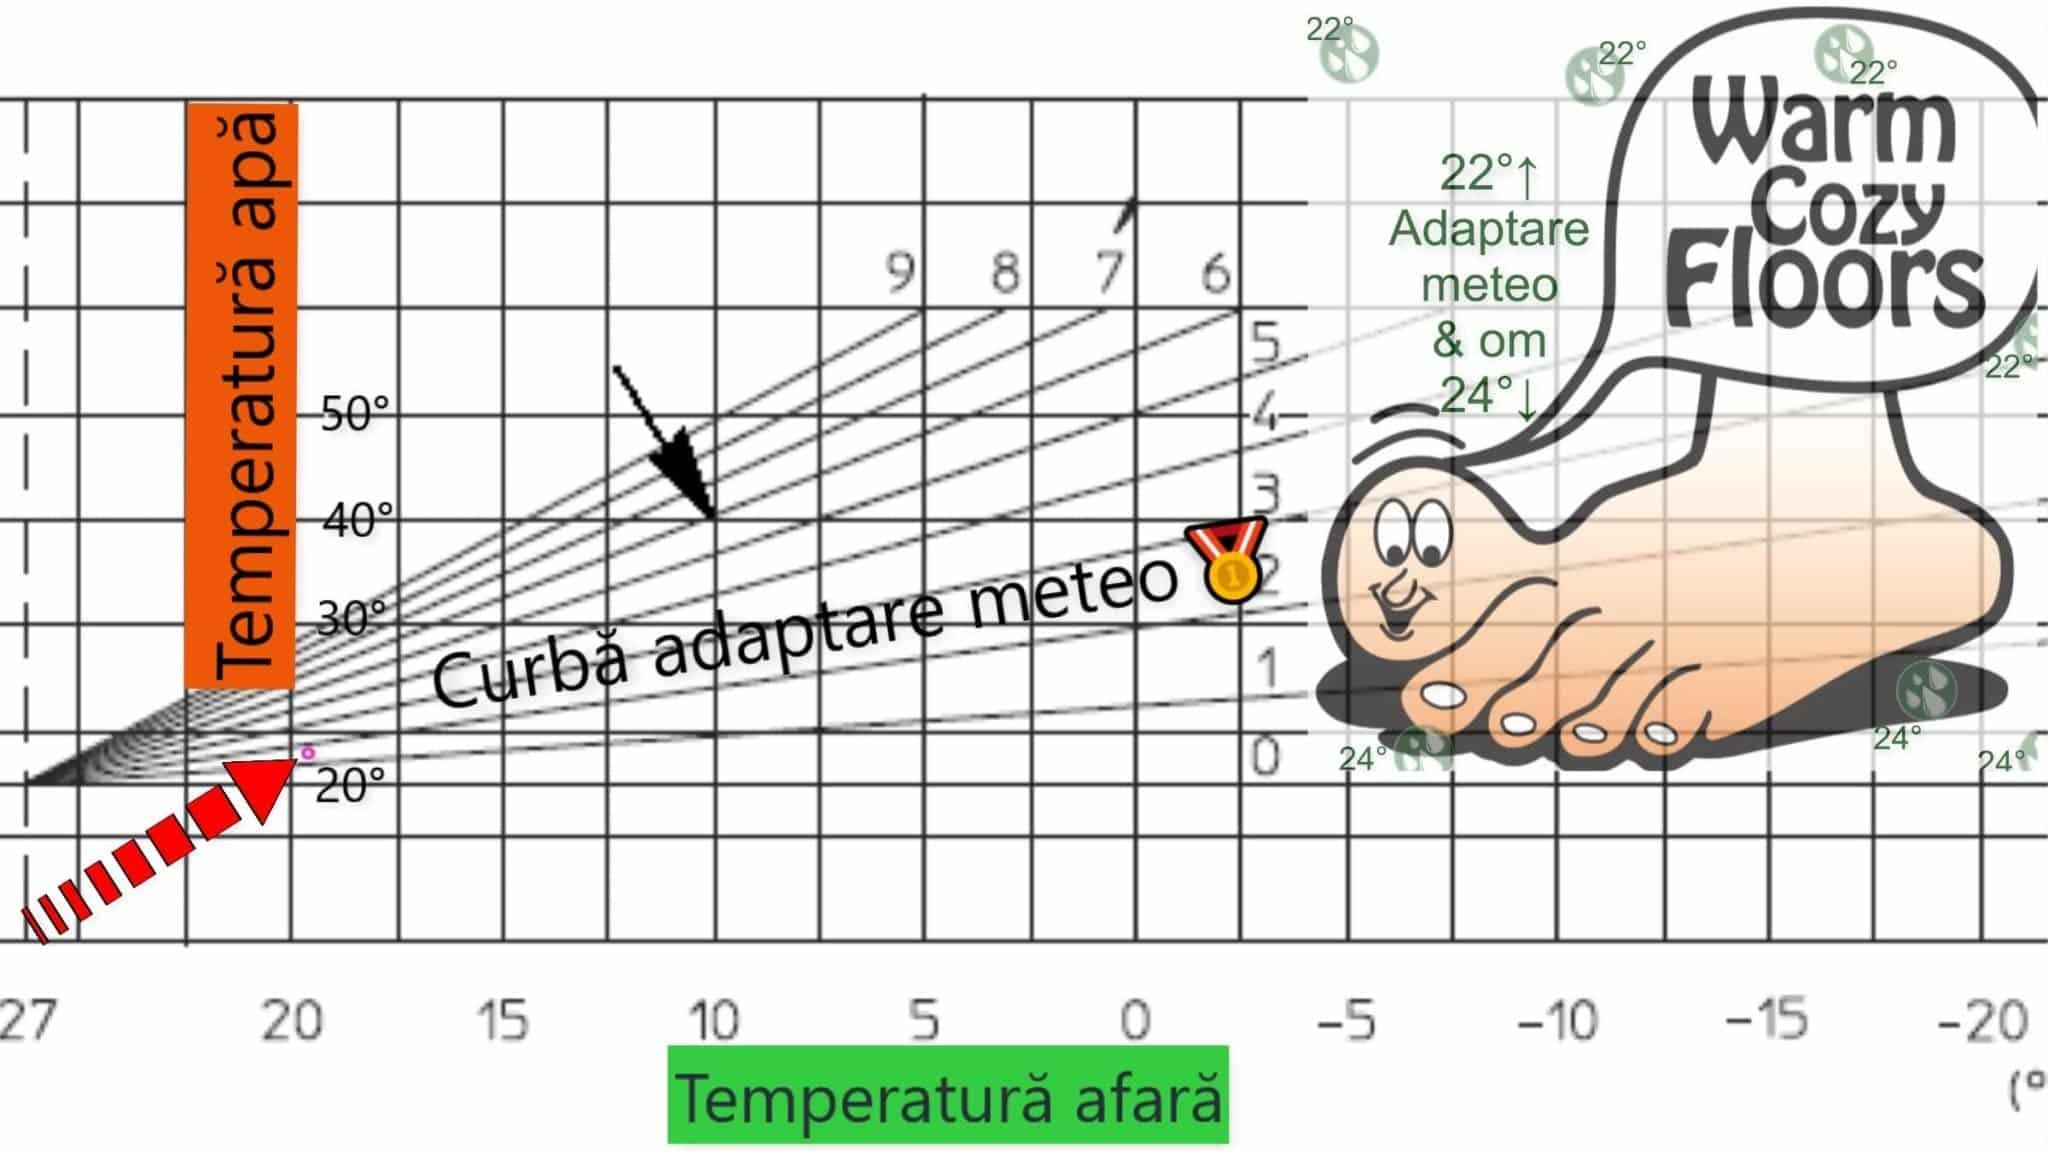 Adaptare meteo încalzire în pardoseala: 19°C afara, 23,1°C în tevi; -5°C ? 31,8°C